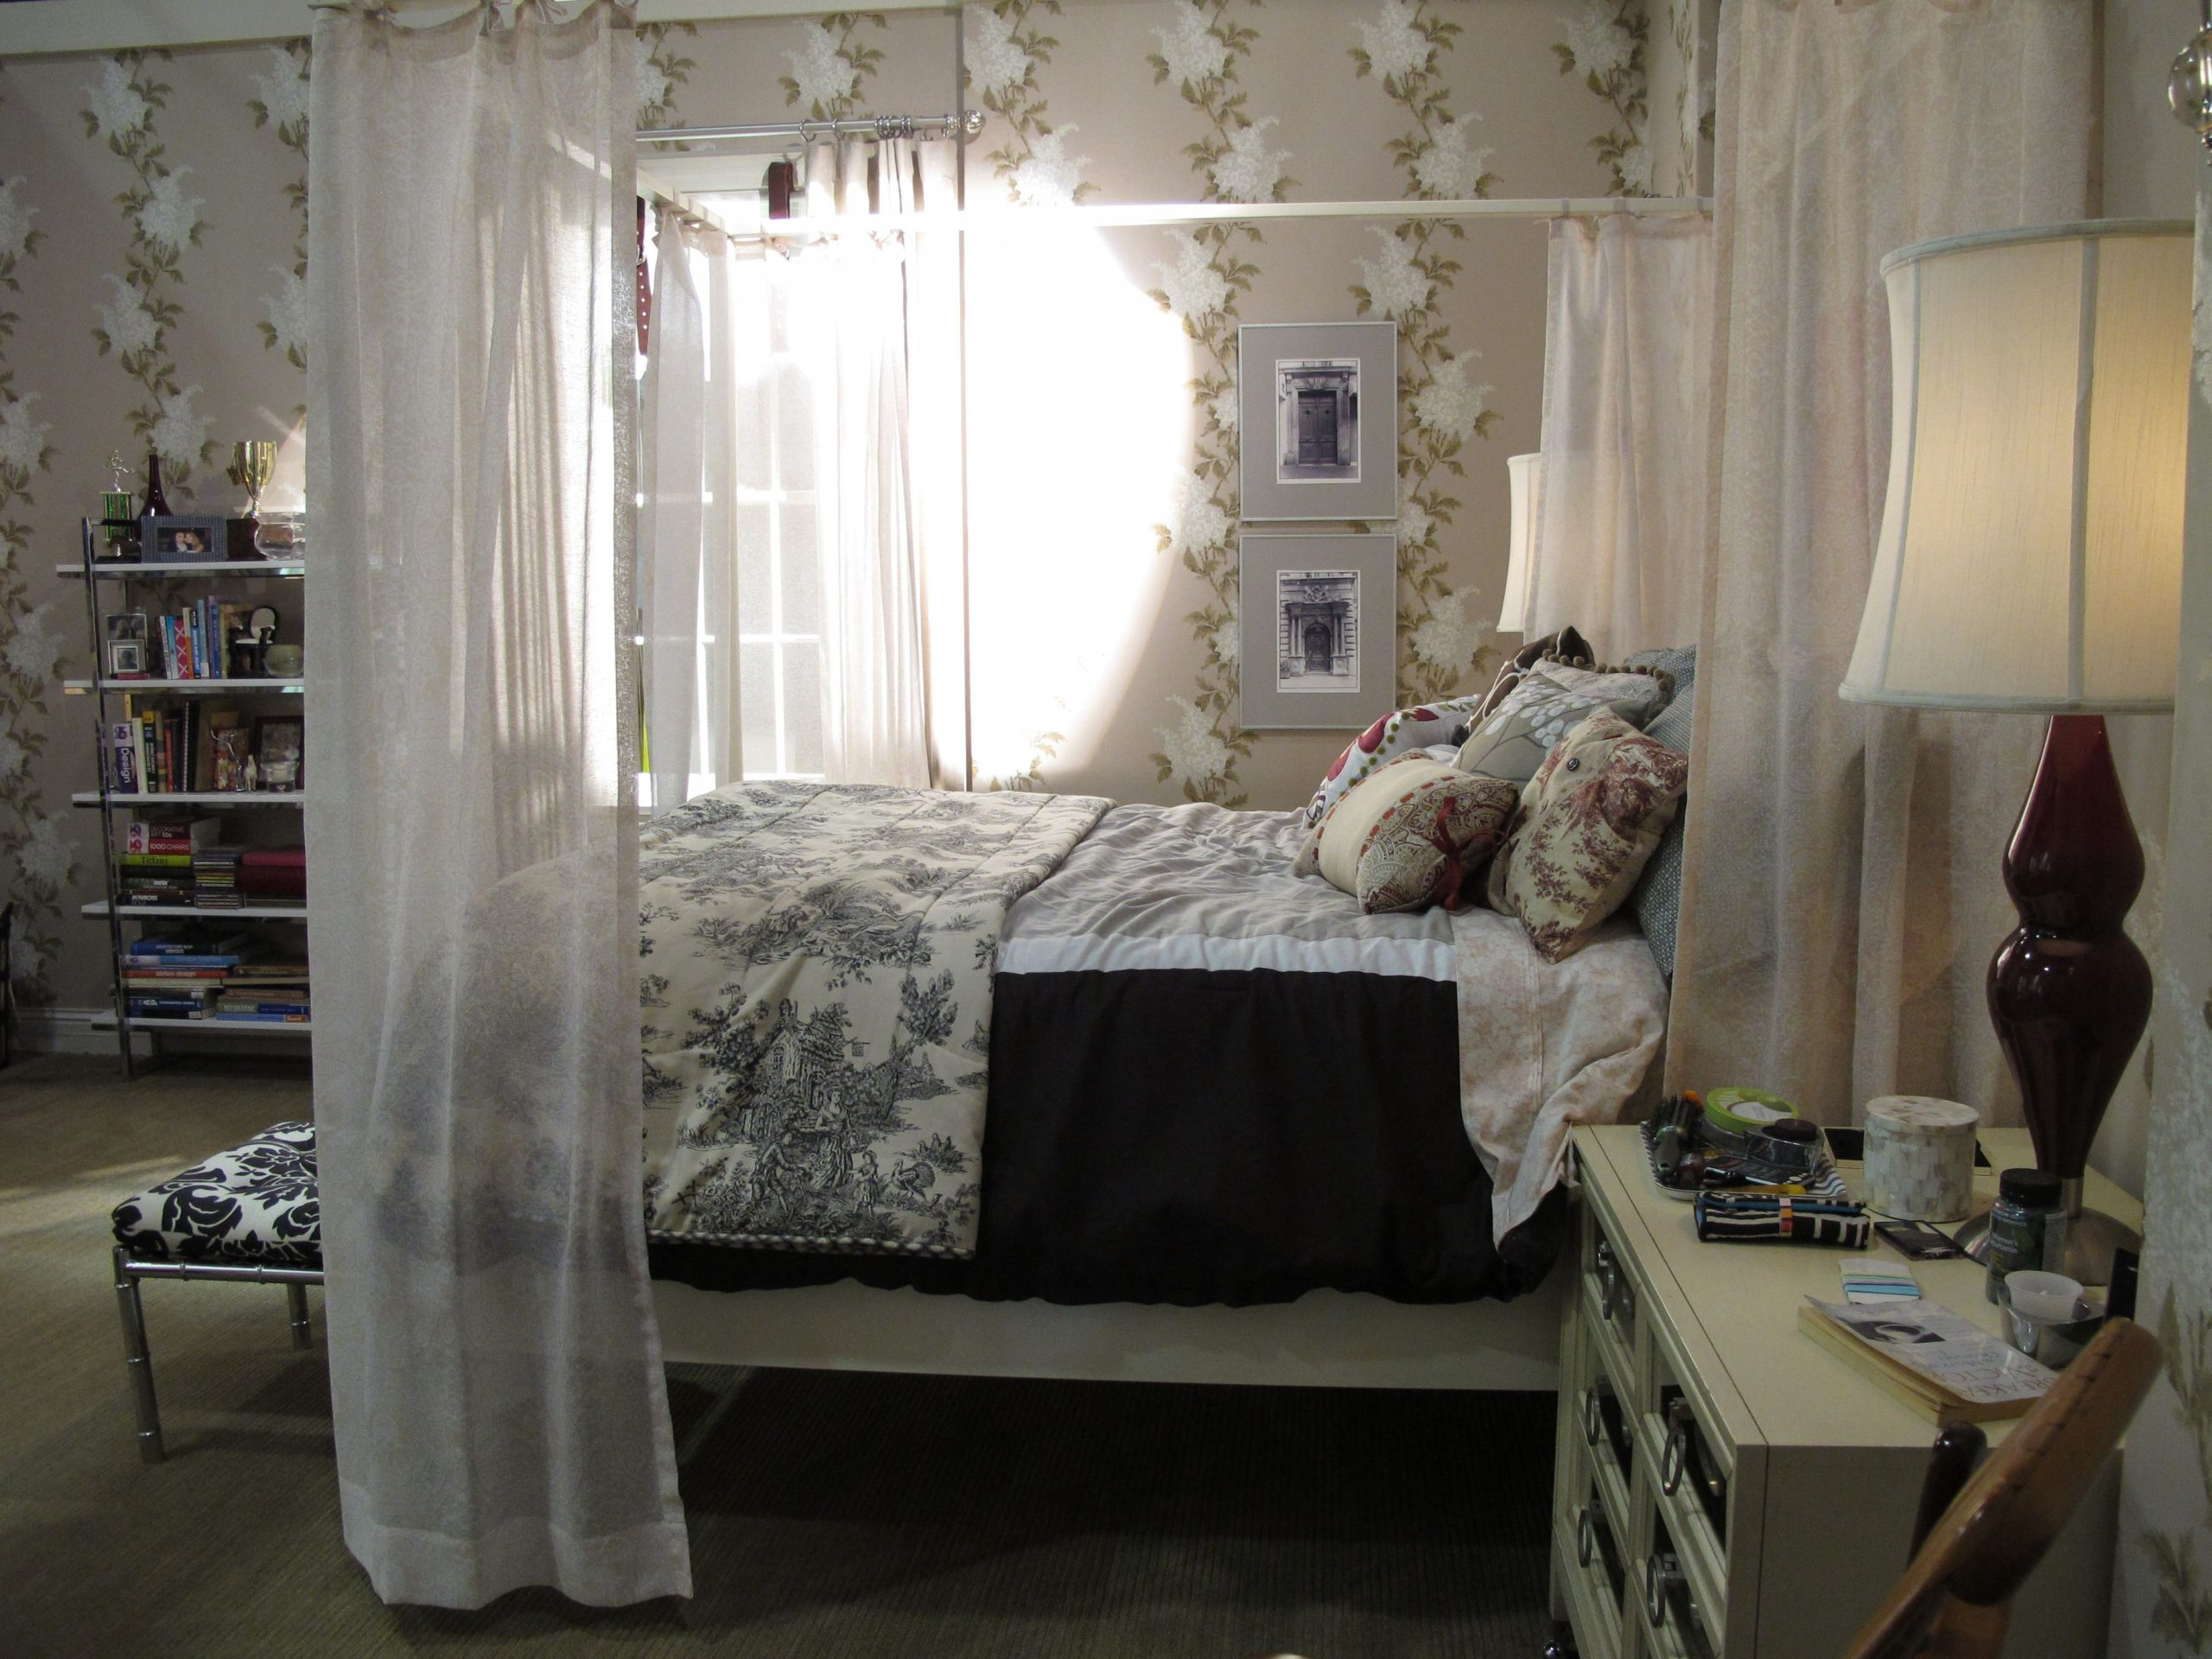 Pomysły na pokój młodzieżowy. 5 filmowych inspiracji